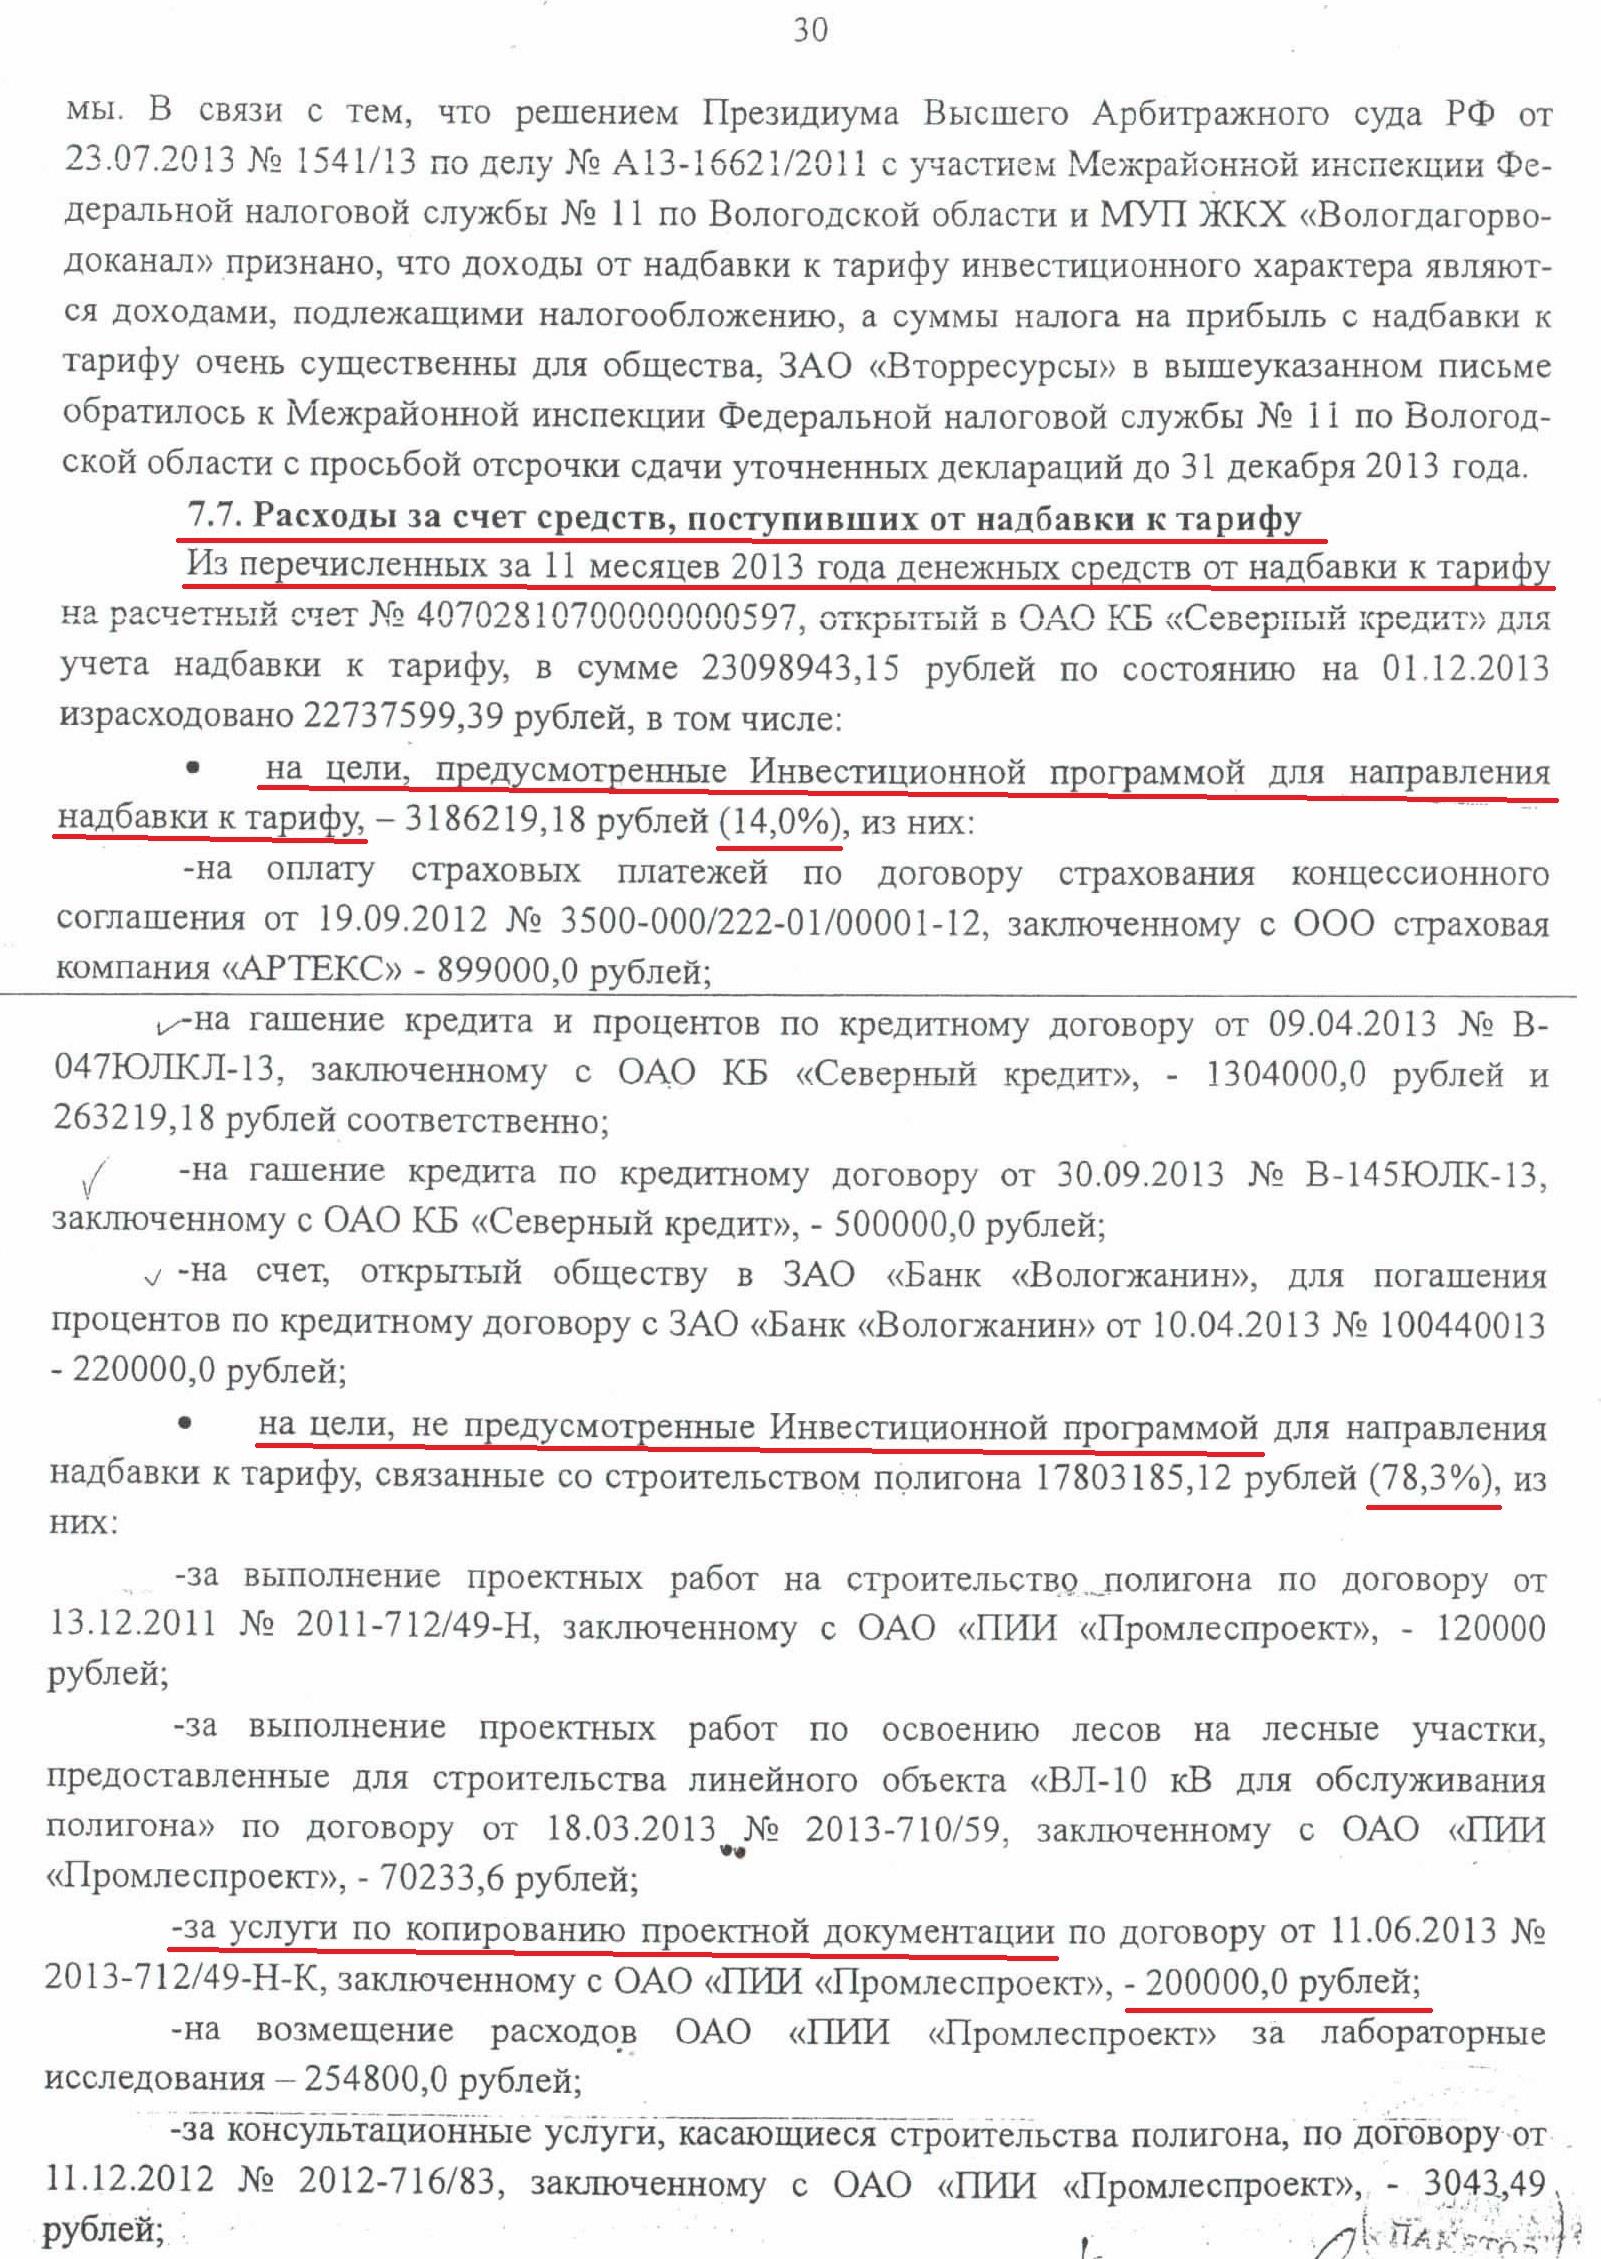 Акт проверки КСП по полигону ТБО стр.30 нецелевое расходование средств